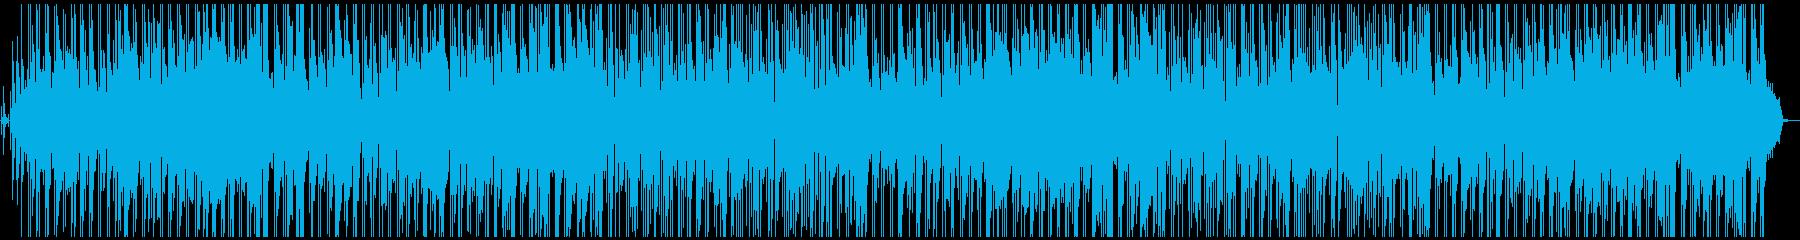 ほのぼのボサノバ風ポップスの再生済みの波形